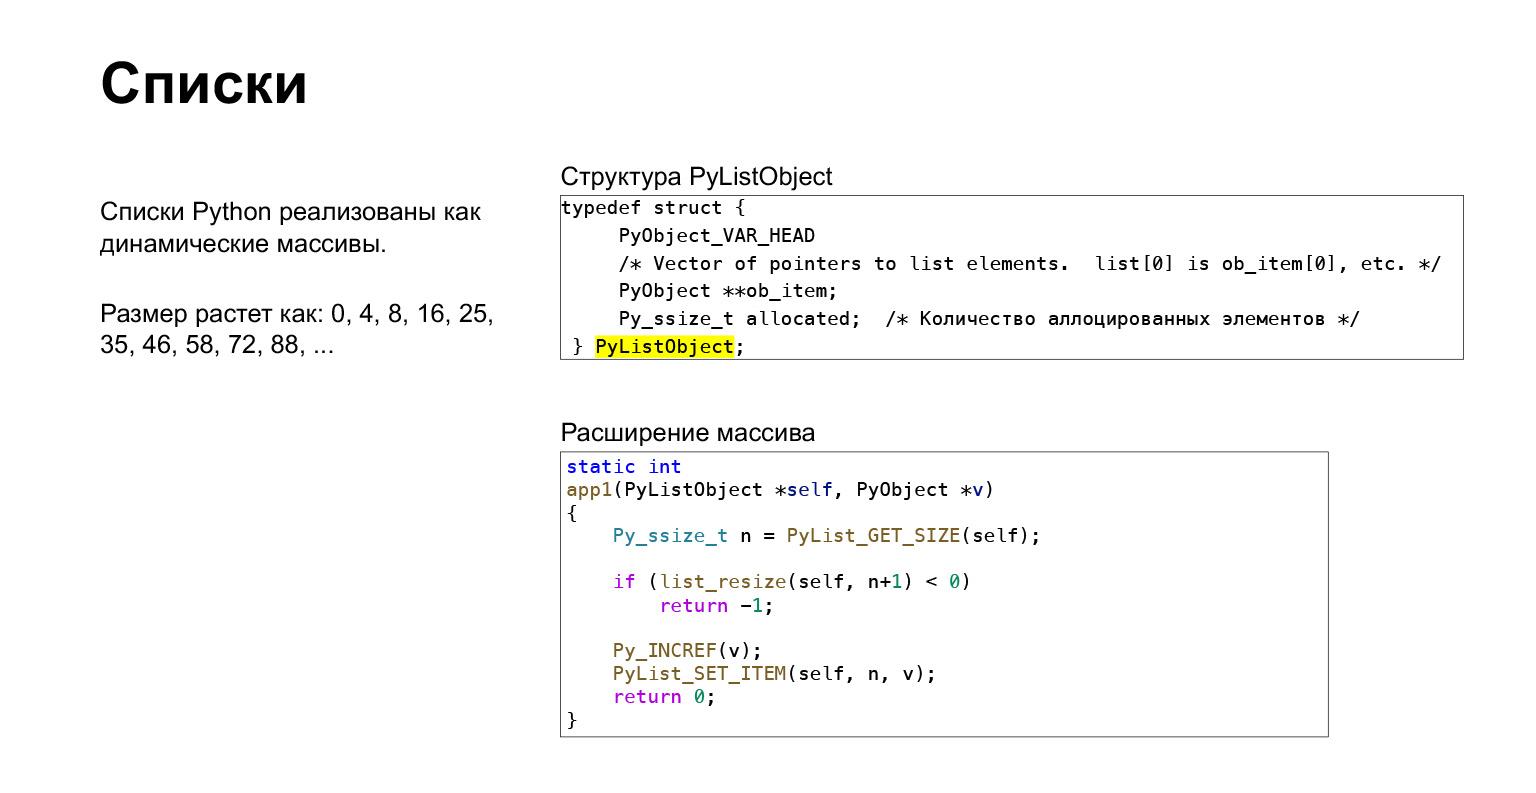 Устройство CPython. Доклад Яндекса - 31